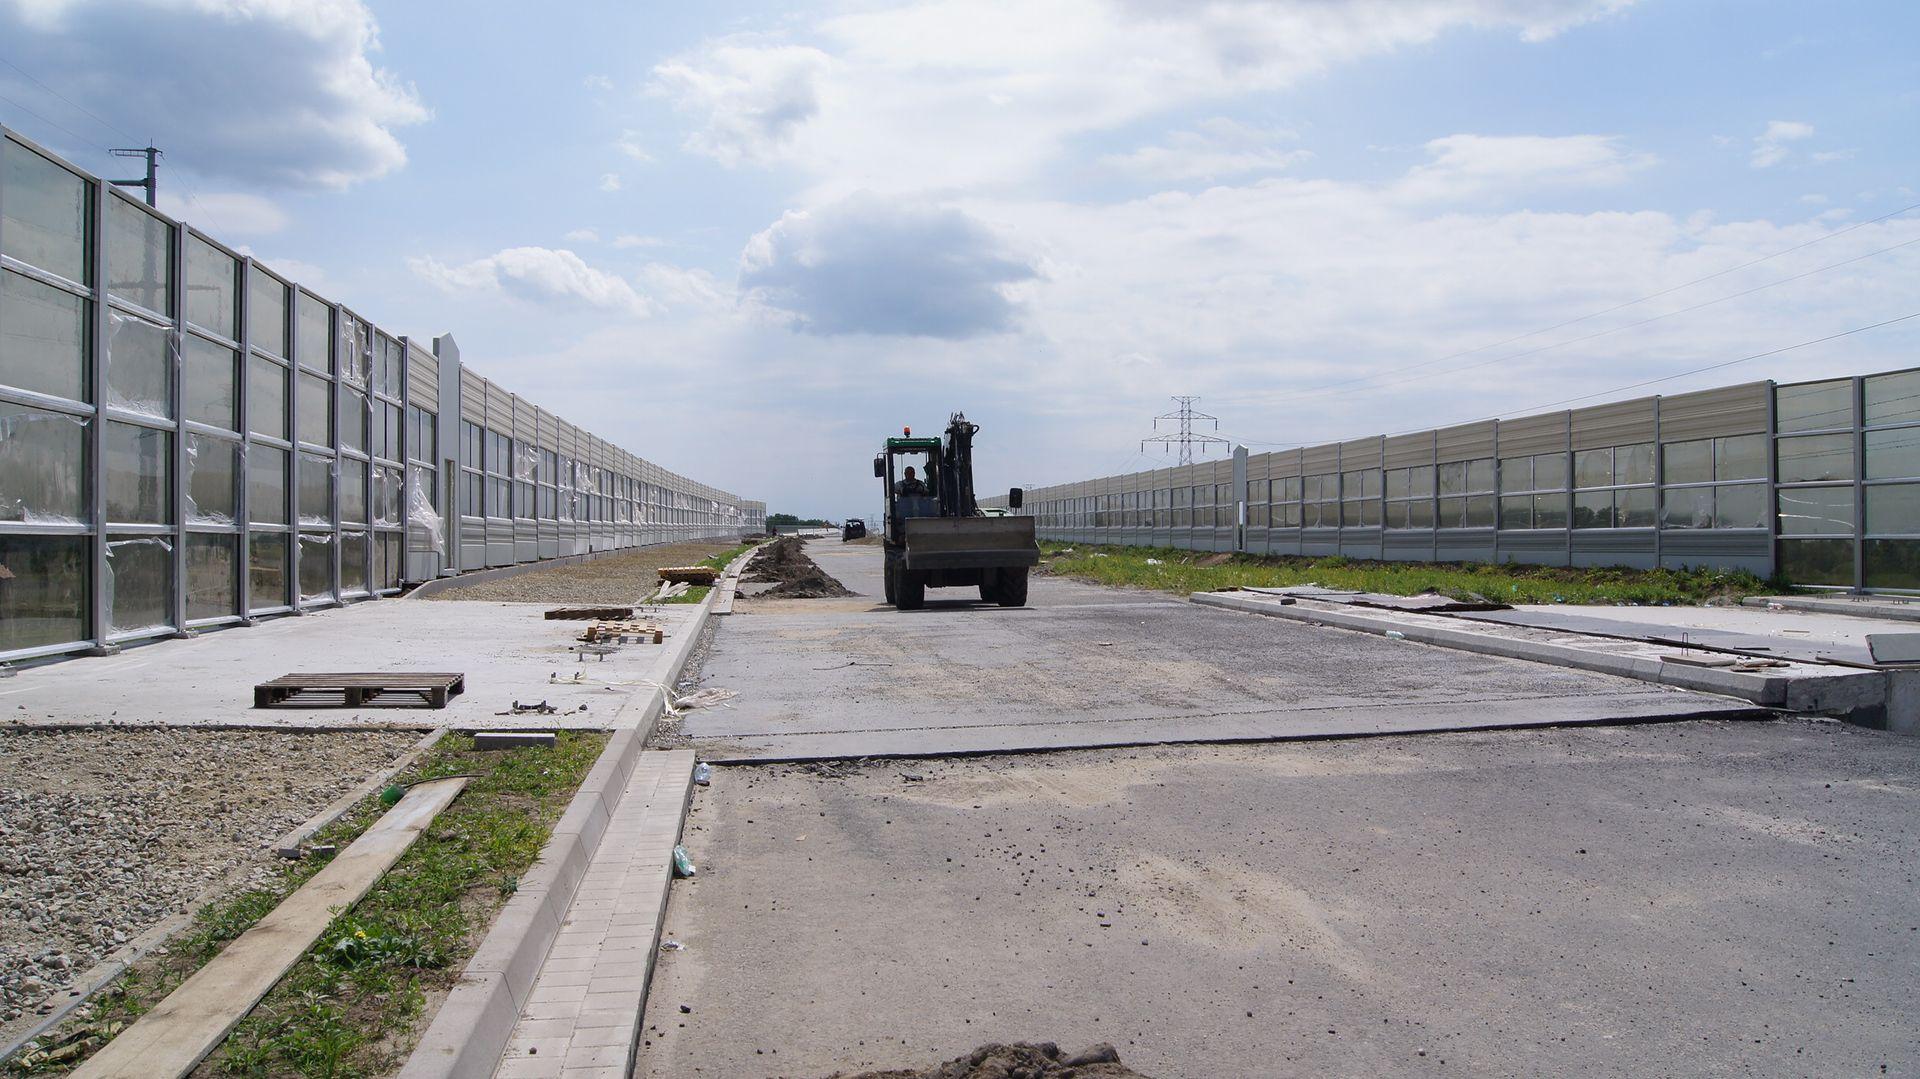 [Wrocław] Ponad 100 mln złotych za północny odcinek WOW. Kiedy nim pojedziemy?